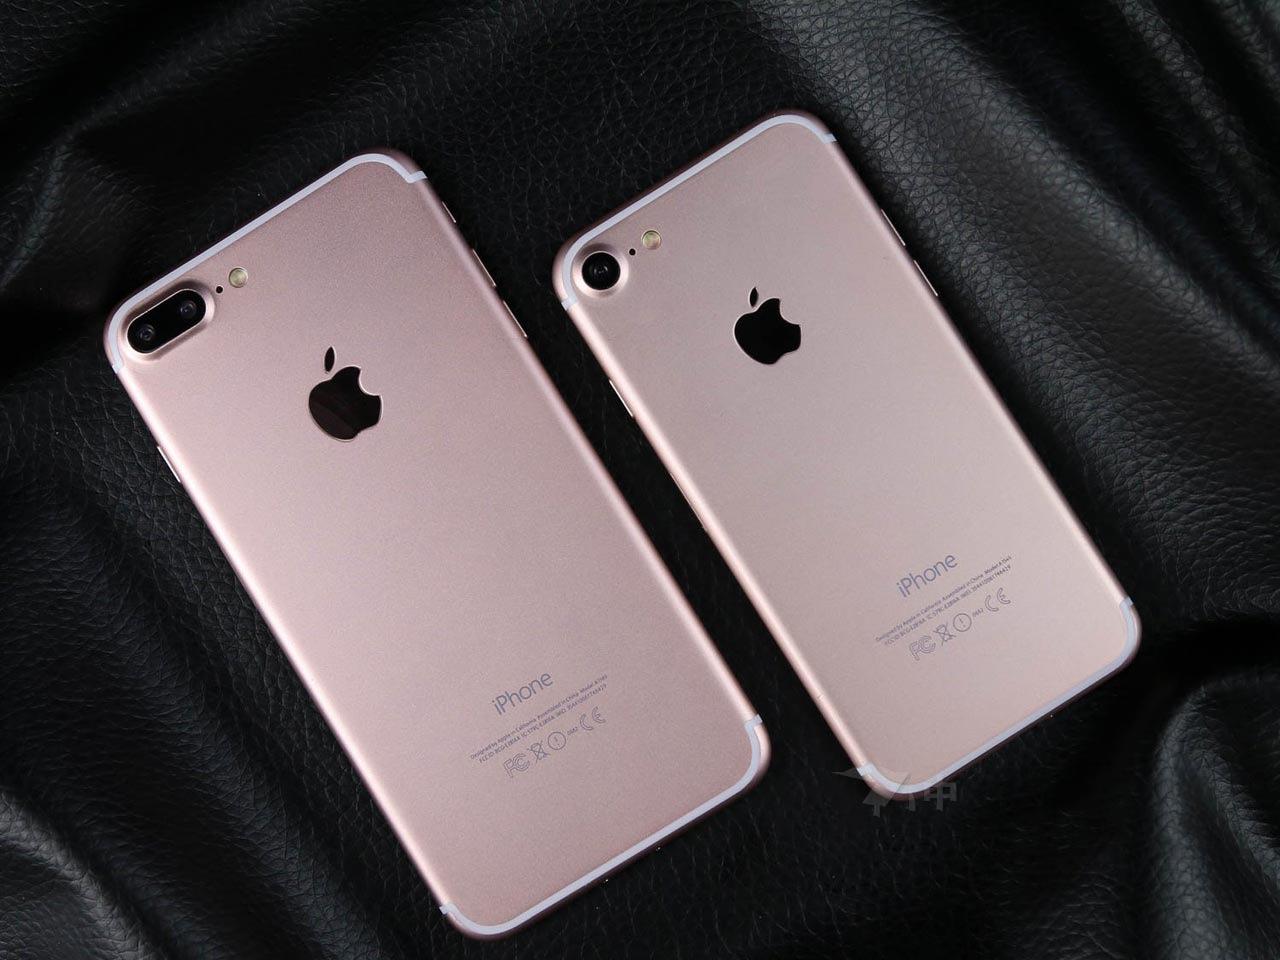 为让路苹果新机,128G版本iPhone7跌至底价,价格真香